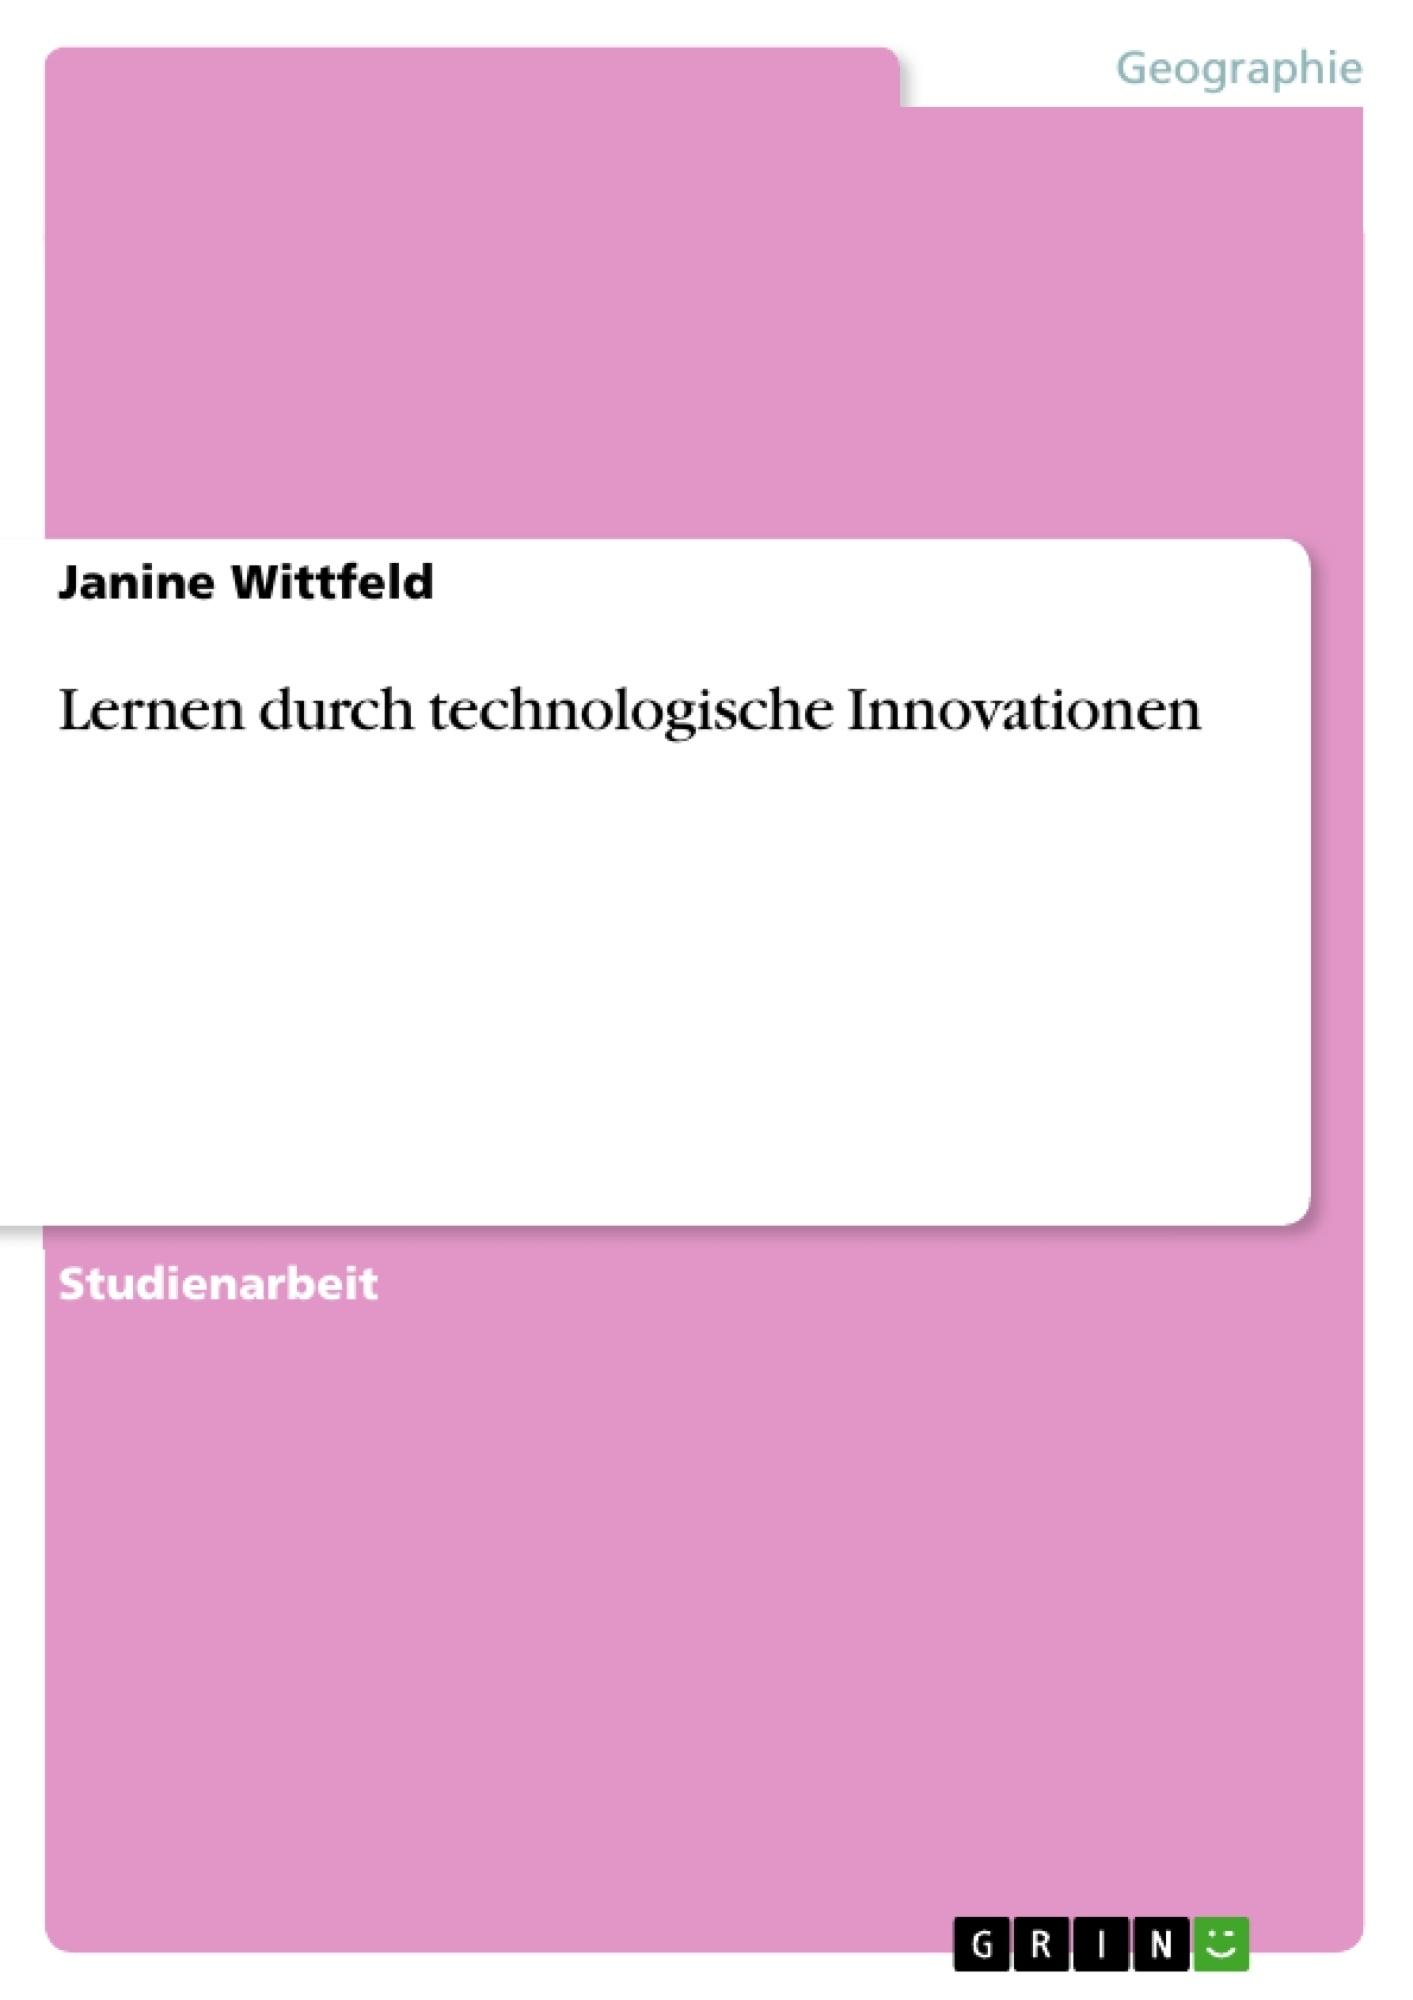 Titel: Lernen durch technologische Innovationen